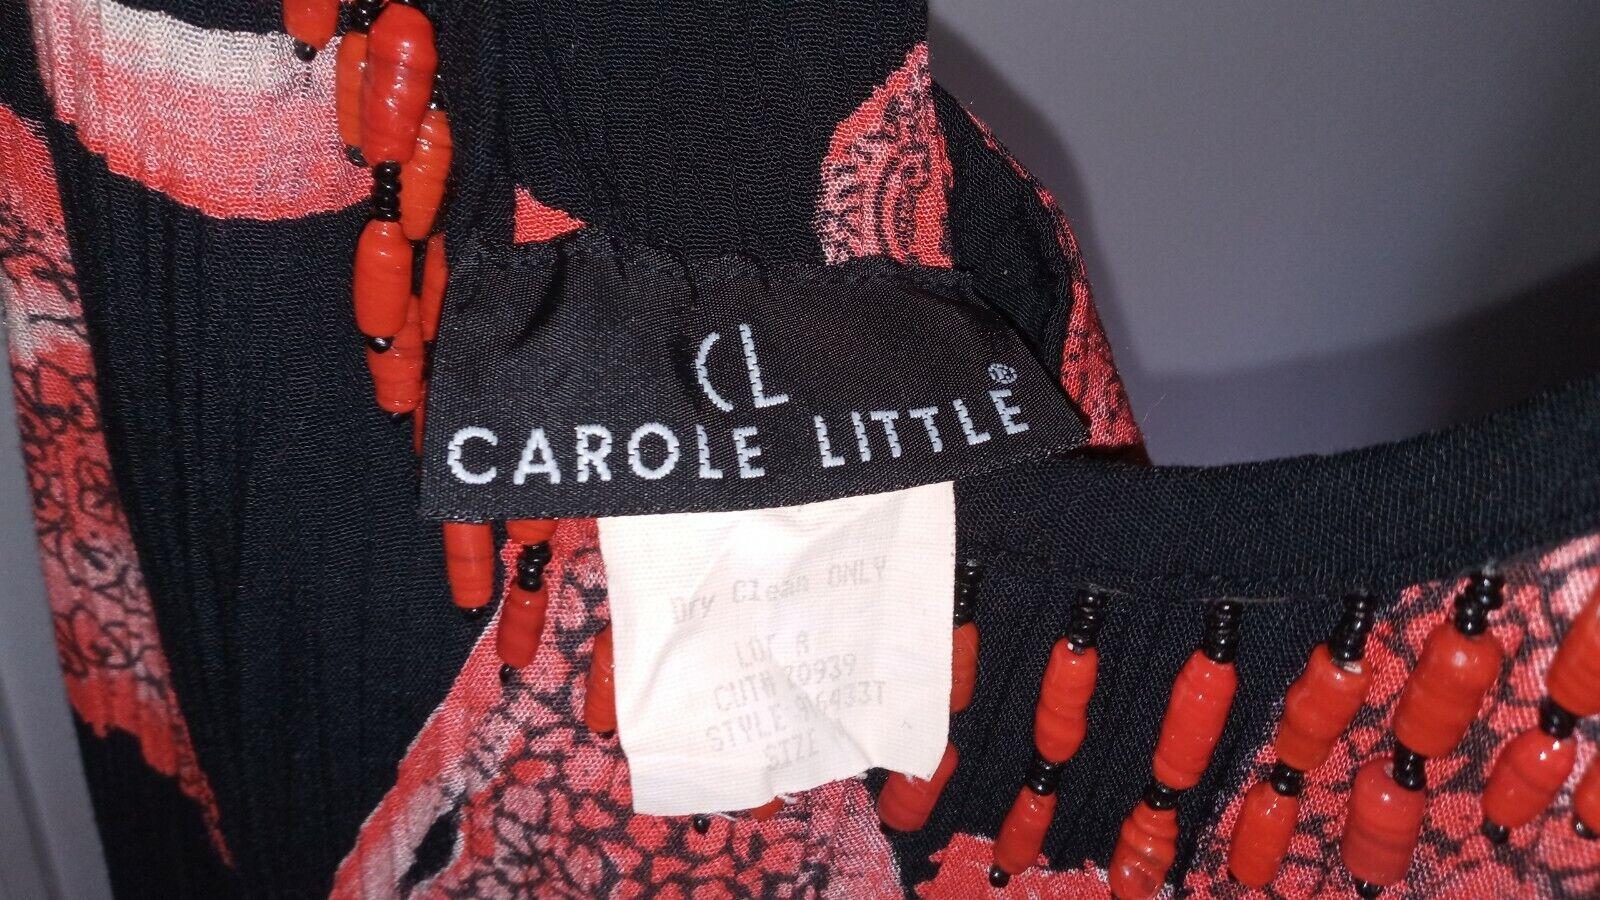 Vintage Carole Little Dress (A) - image 2